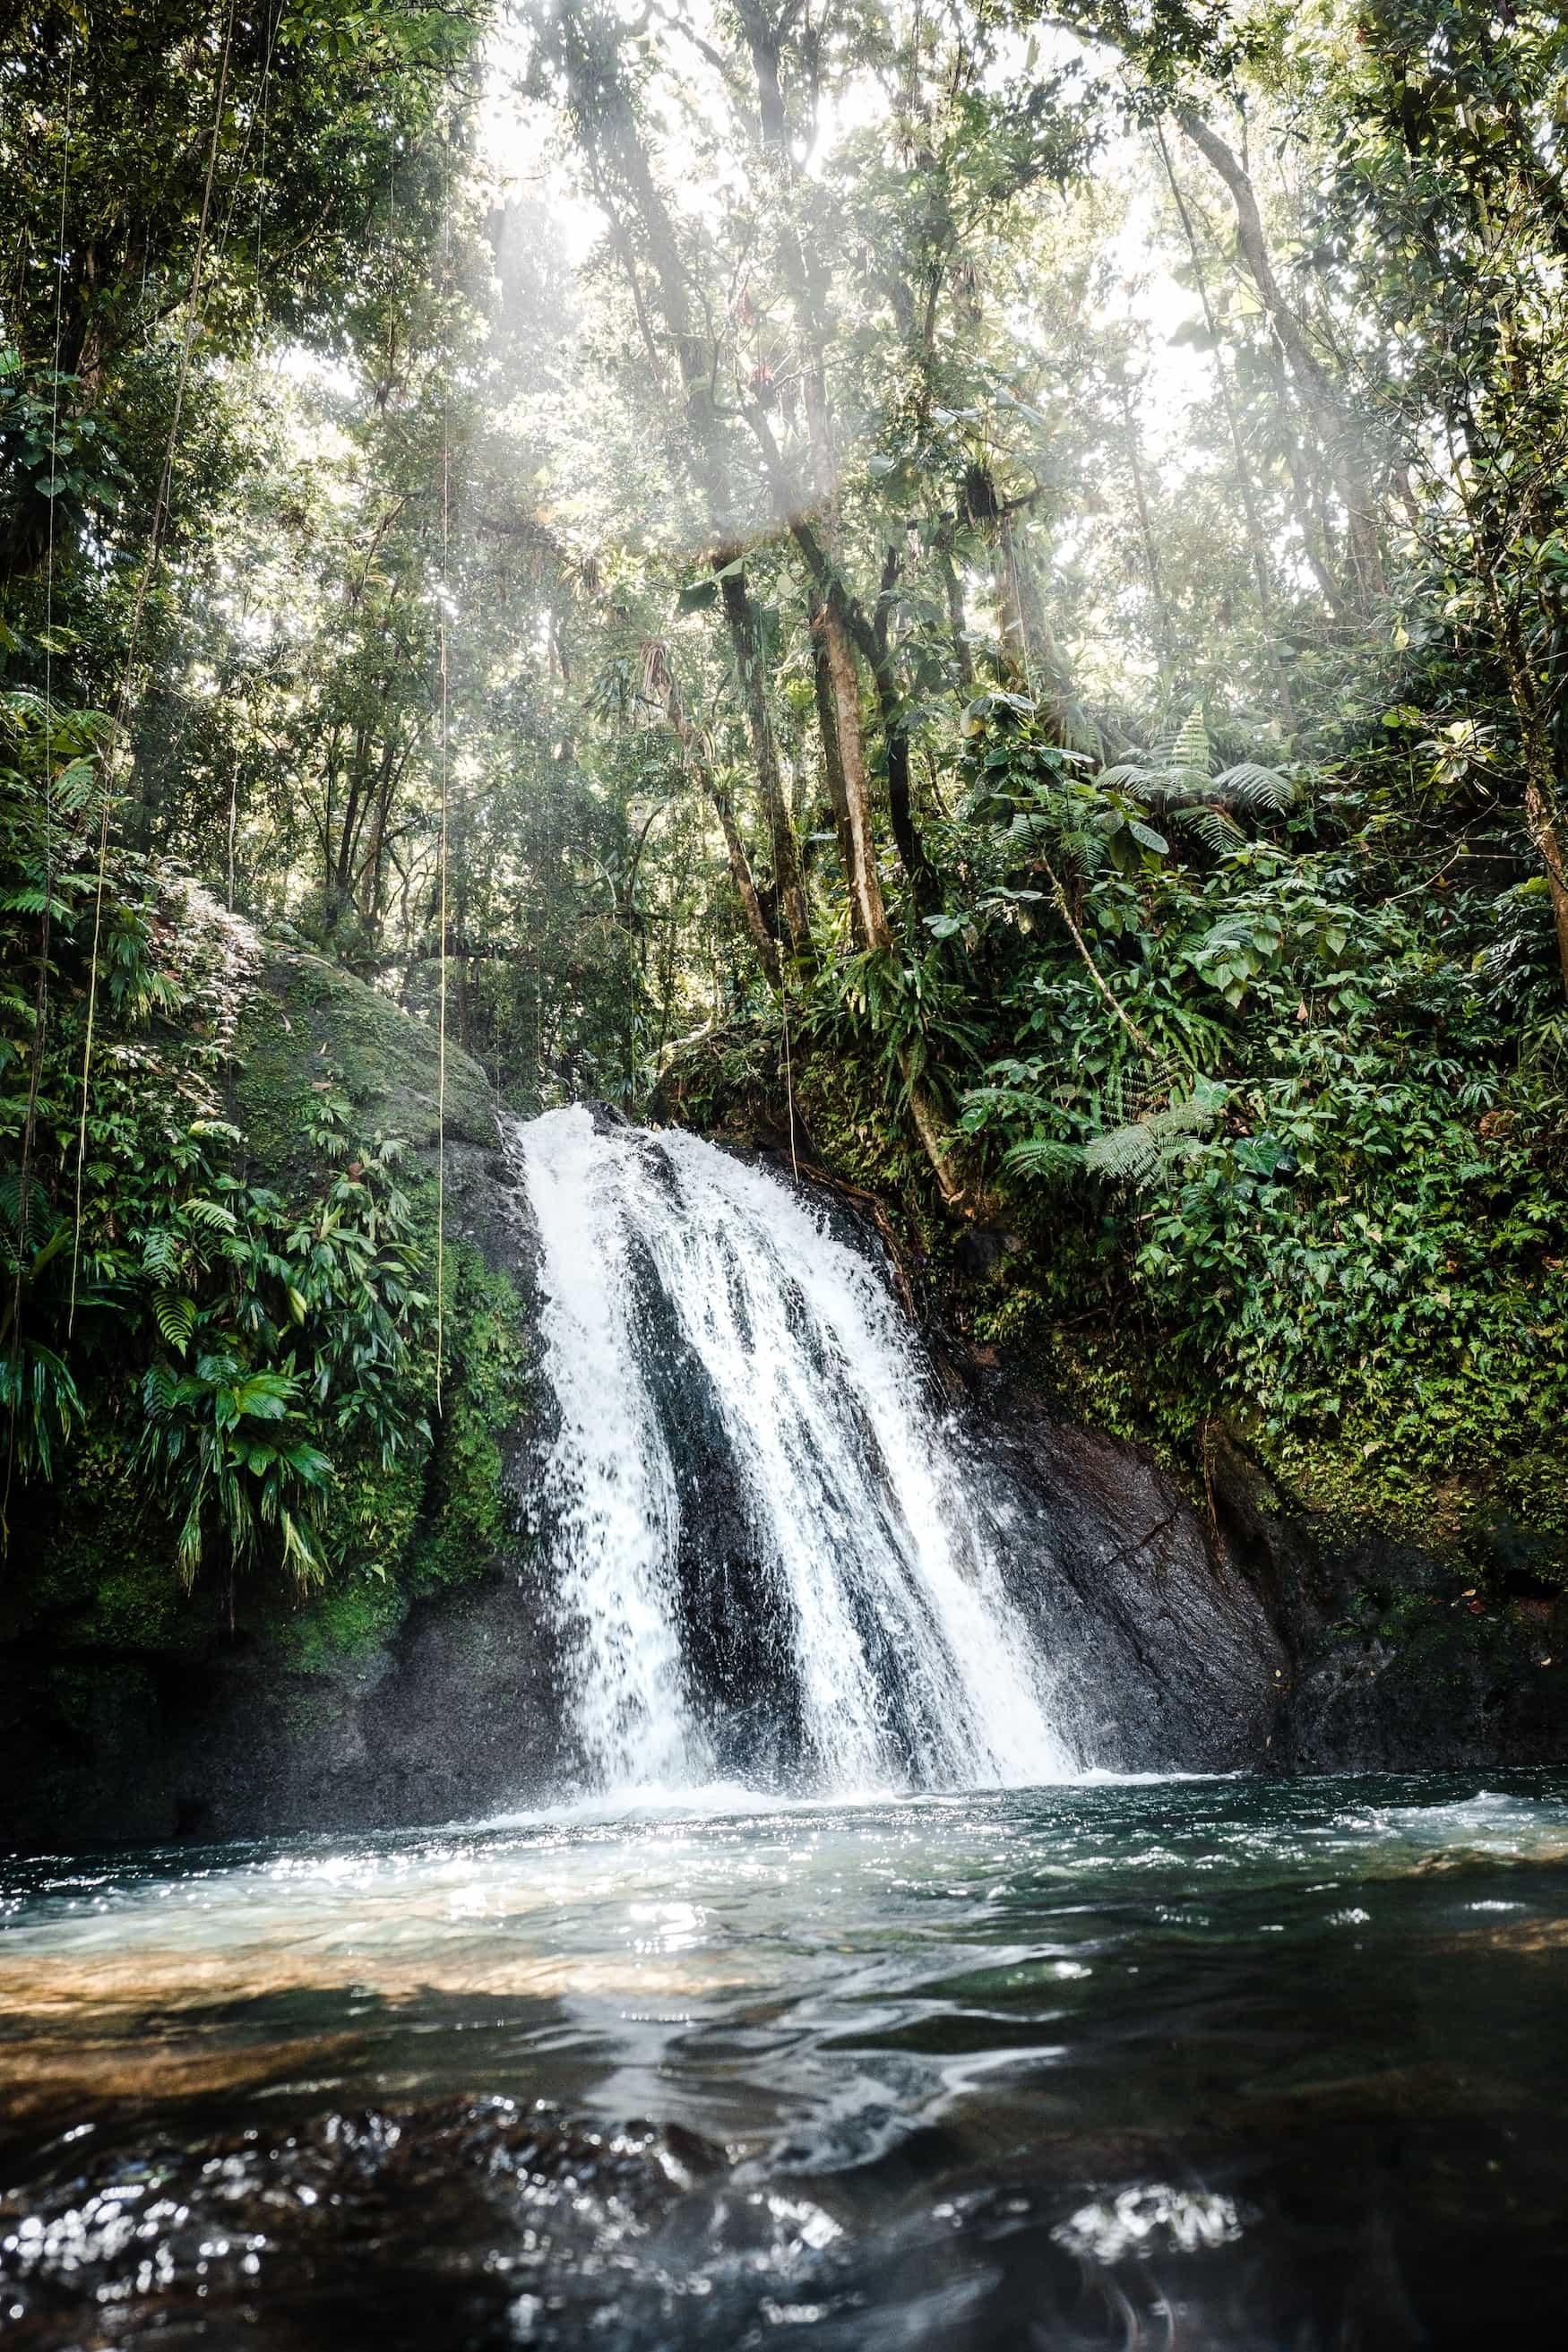 Wasserfall auf Karibikinsel Guadeloupe